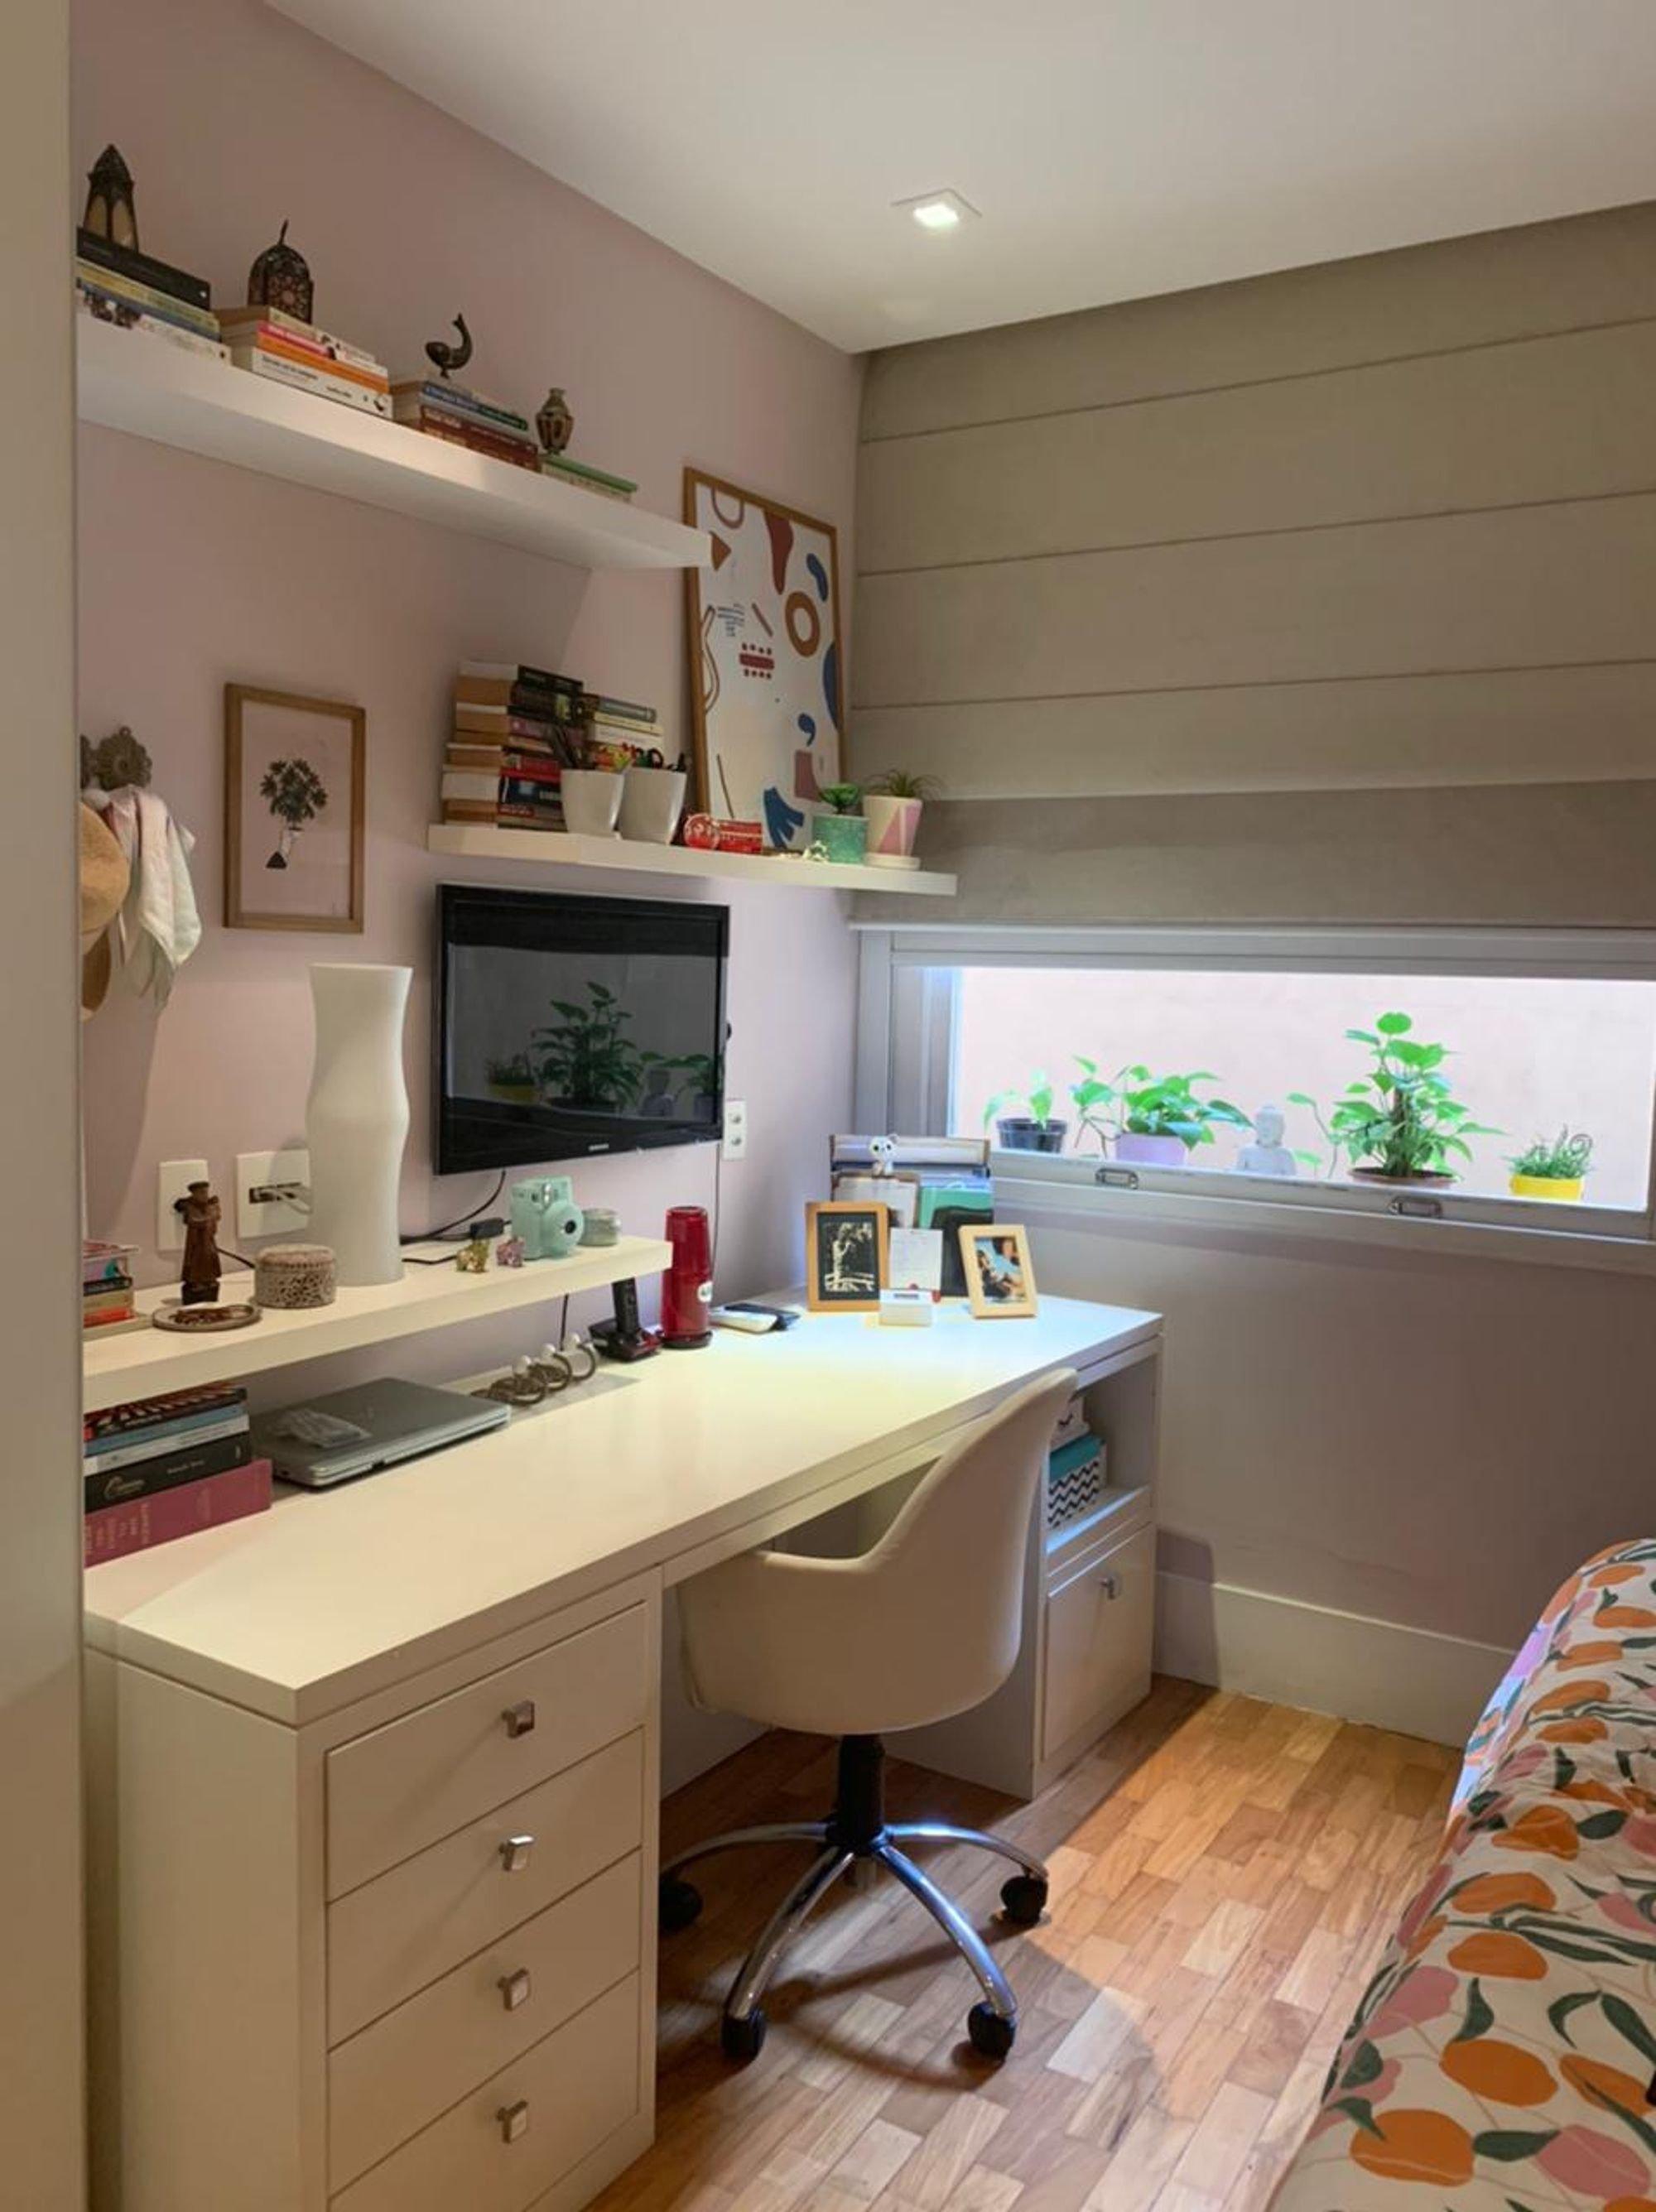 Foto de Quarto com vaso de planta, televisão, cadeira, livro, sofá, vaso, tigela